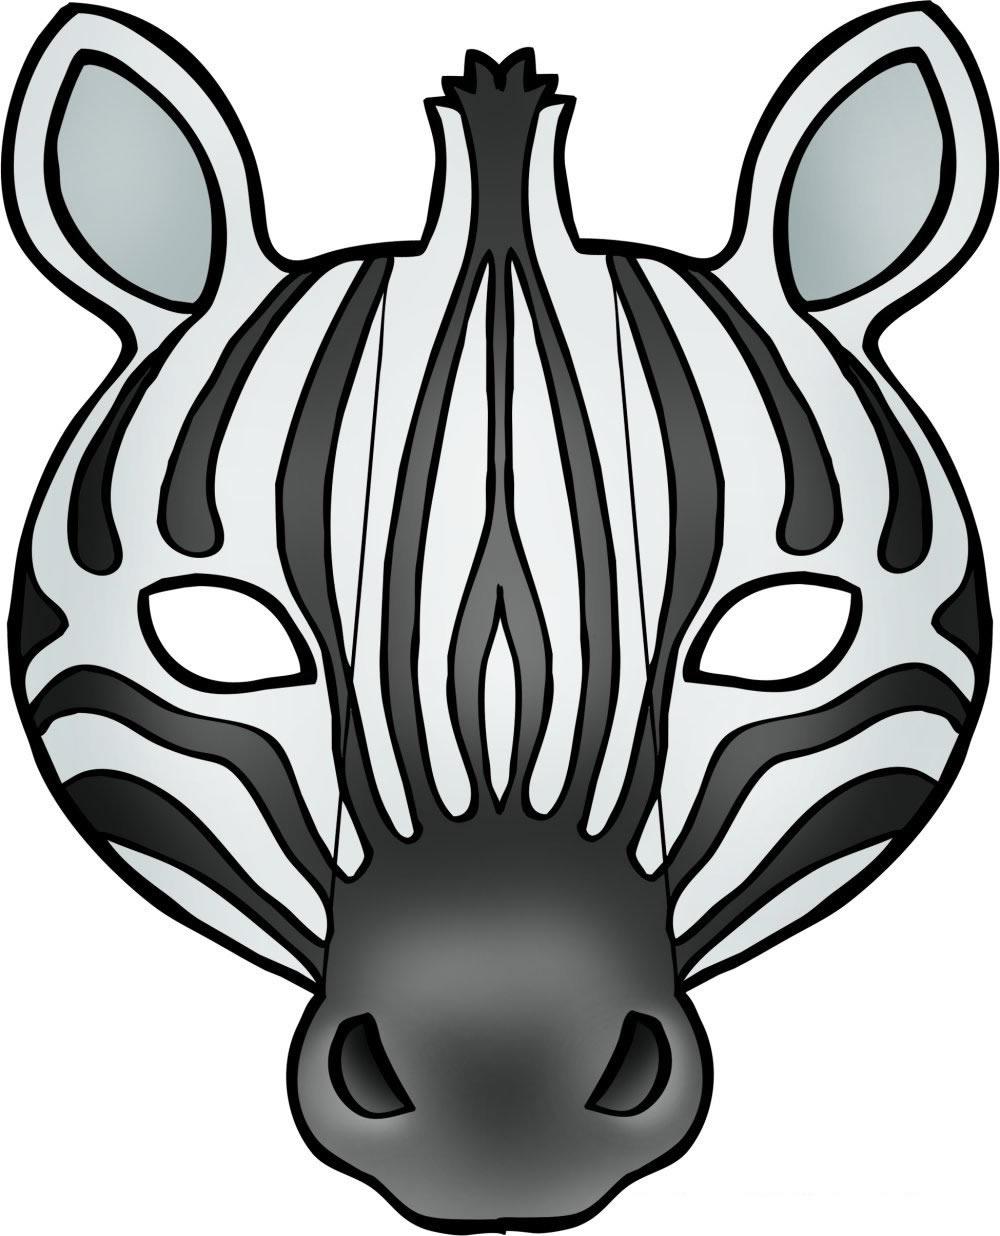 Masques Et Ailes De Fee Ou Papillon A Imprimer Pour Enfant encequiconcerne Masques Animaux À Imprimer